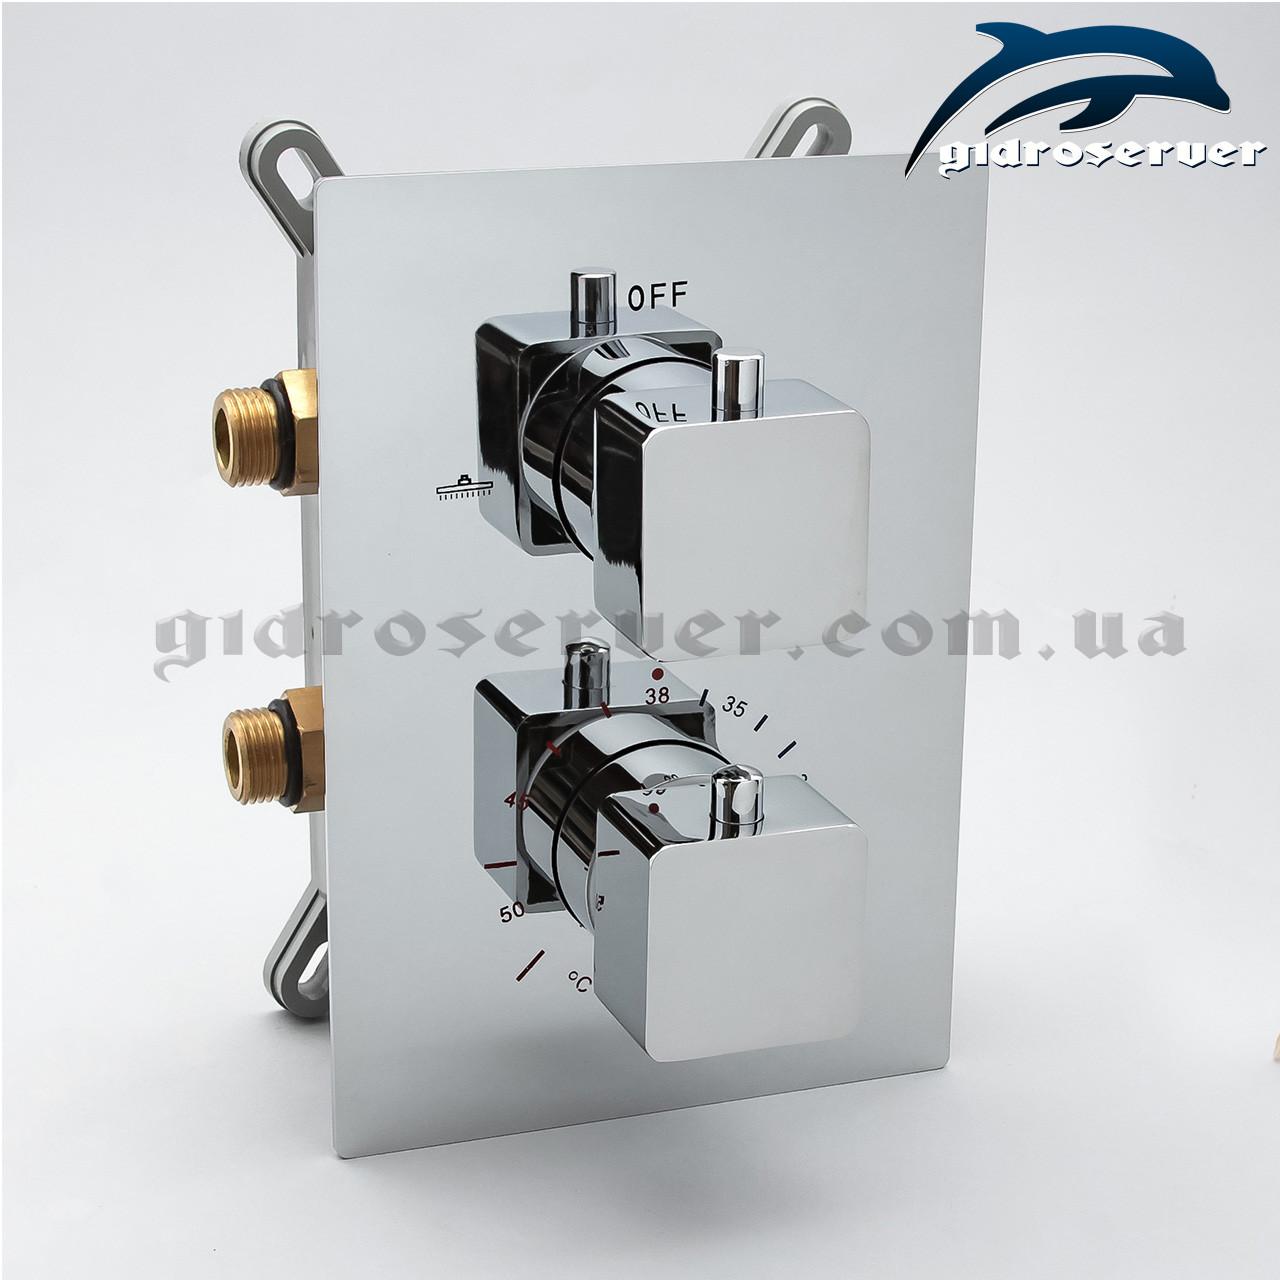 Термостатический смеситель для душа скрытого монтажа KVTB-02.